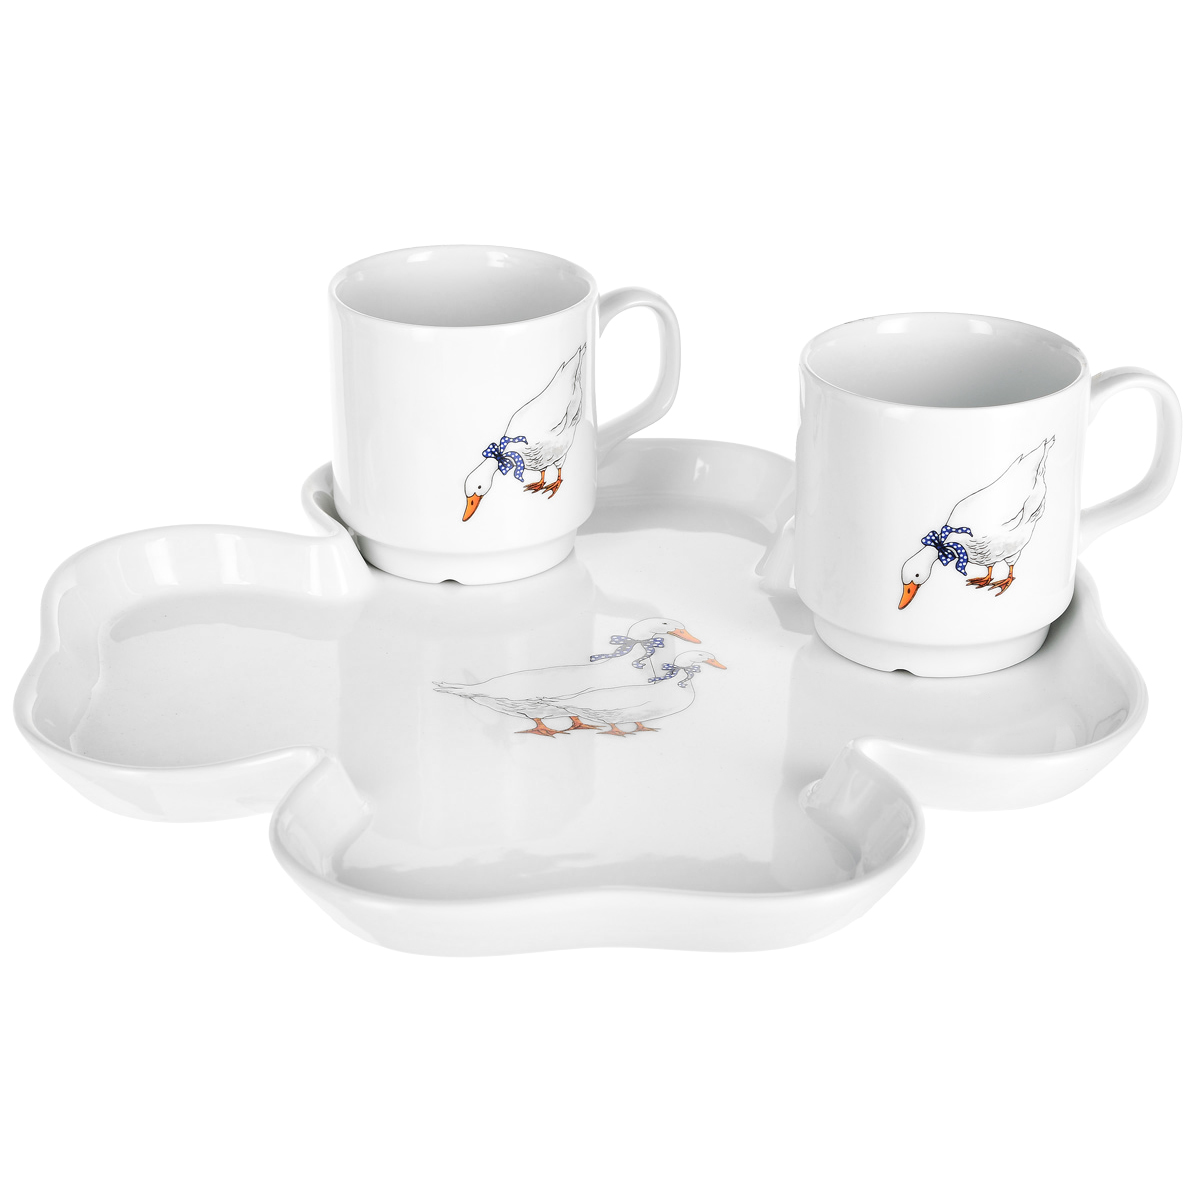 Фото - Набор чайный Thun Гуси 3 предмета набор чайный гималайские цветы 3 предмета churchill himf00081